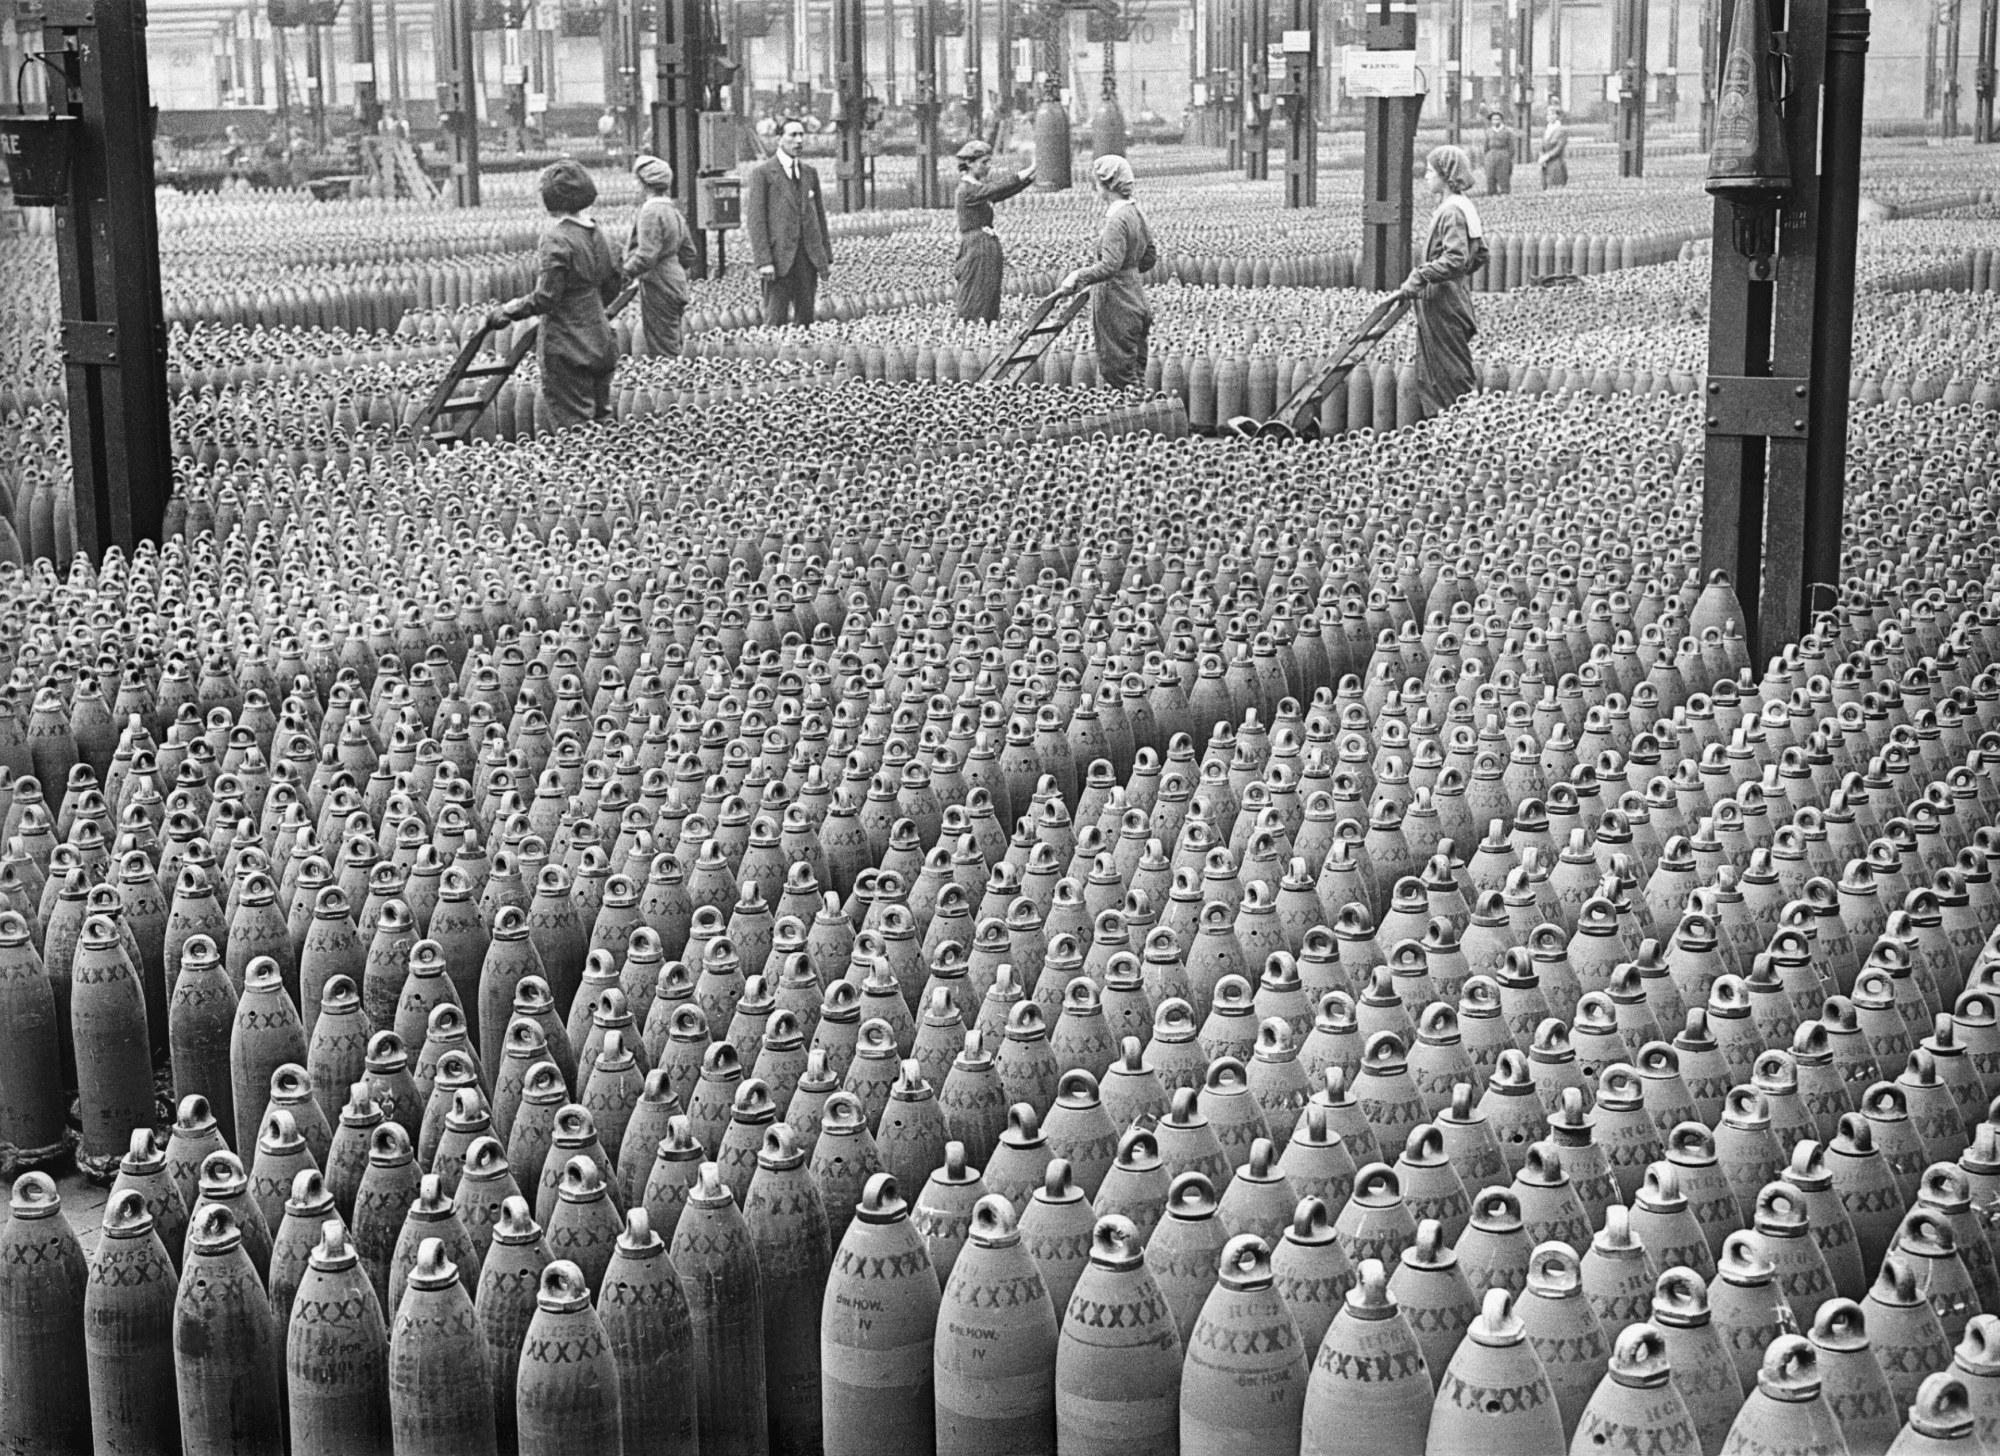 Fotografía de mujeres trabajando en una fábrica de bombas durante la Primera Guerra Mundial